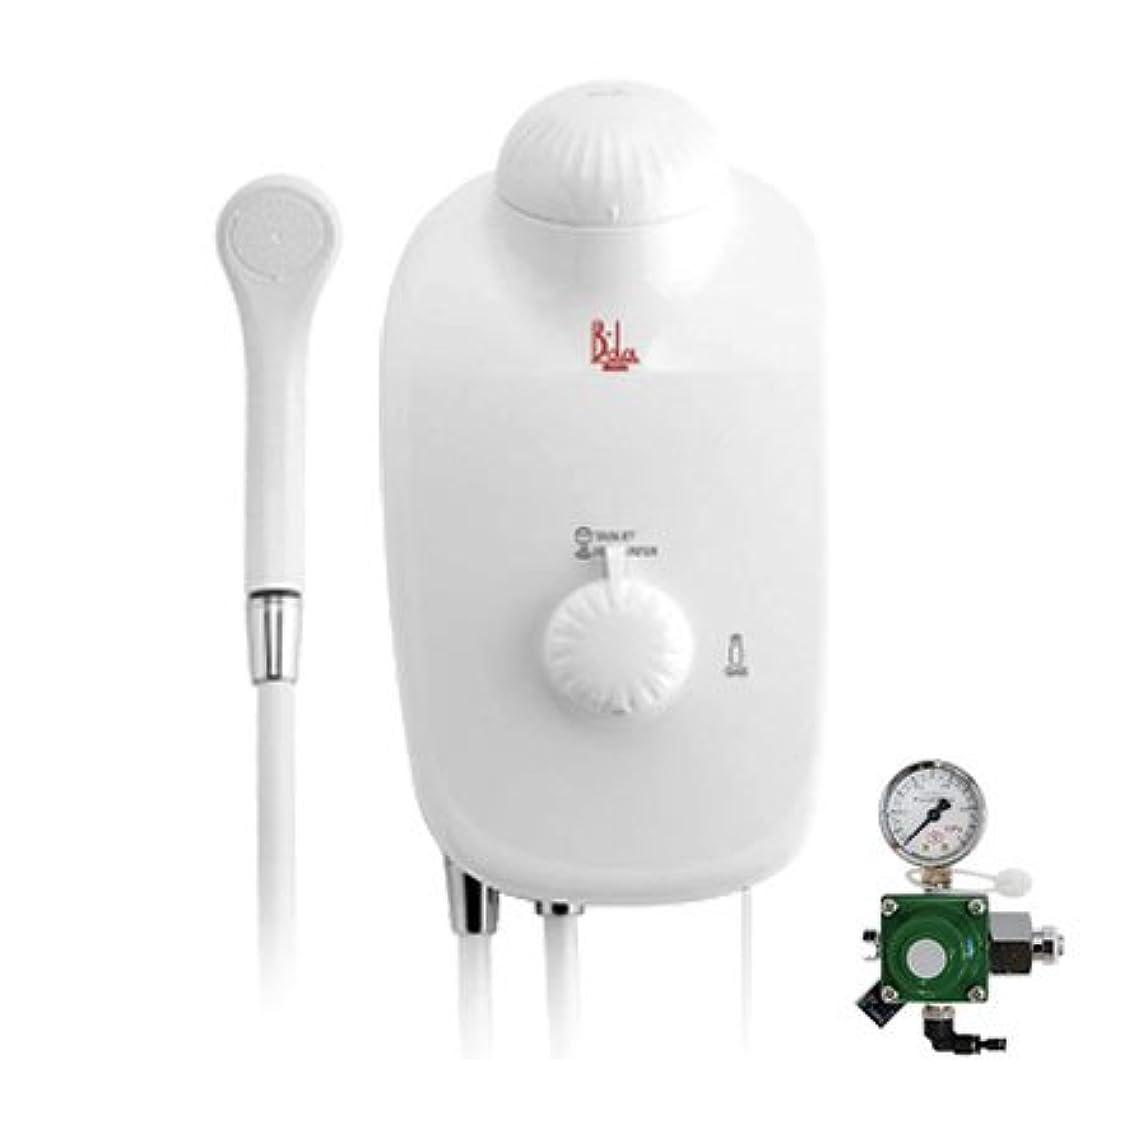 再生不愉快に潤滑する高濃度炭酸泉装置 B-da(ビーダ)本体セット?ガス圧調節器付き